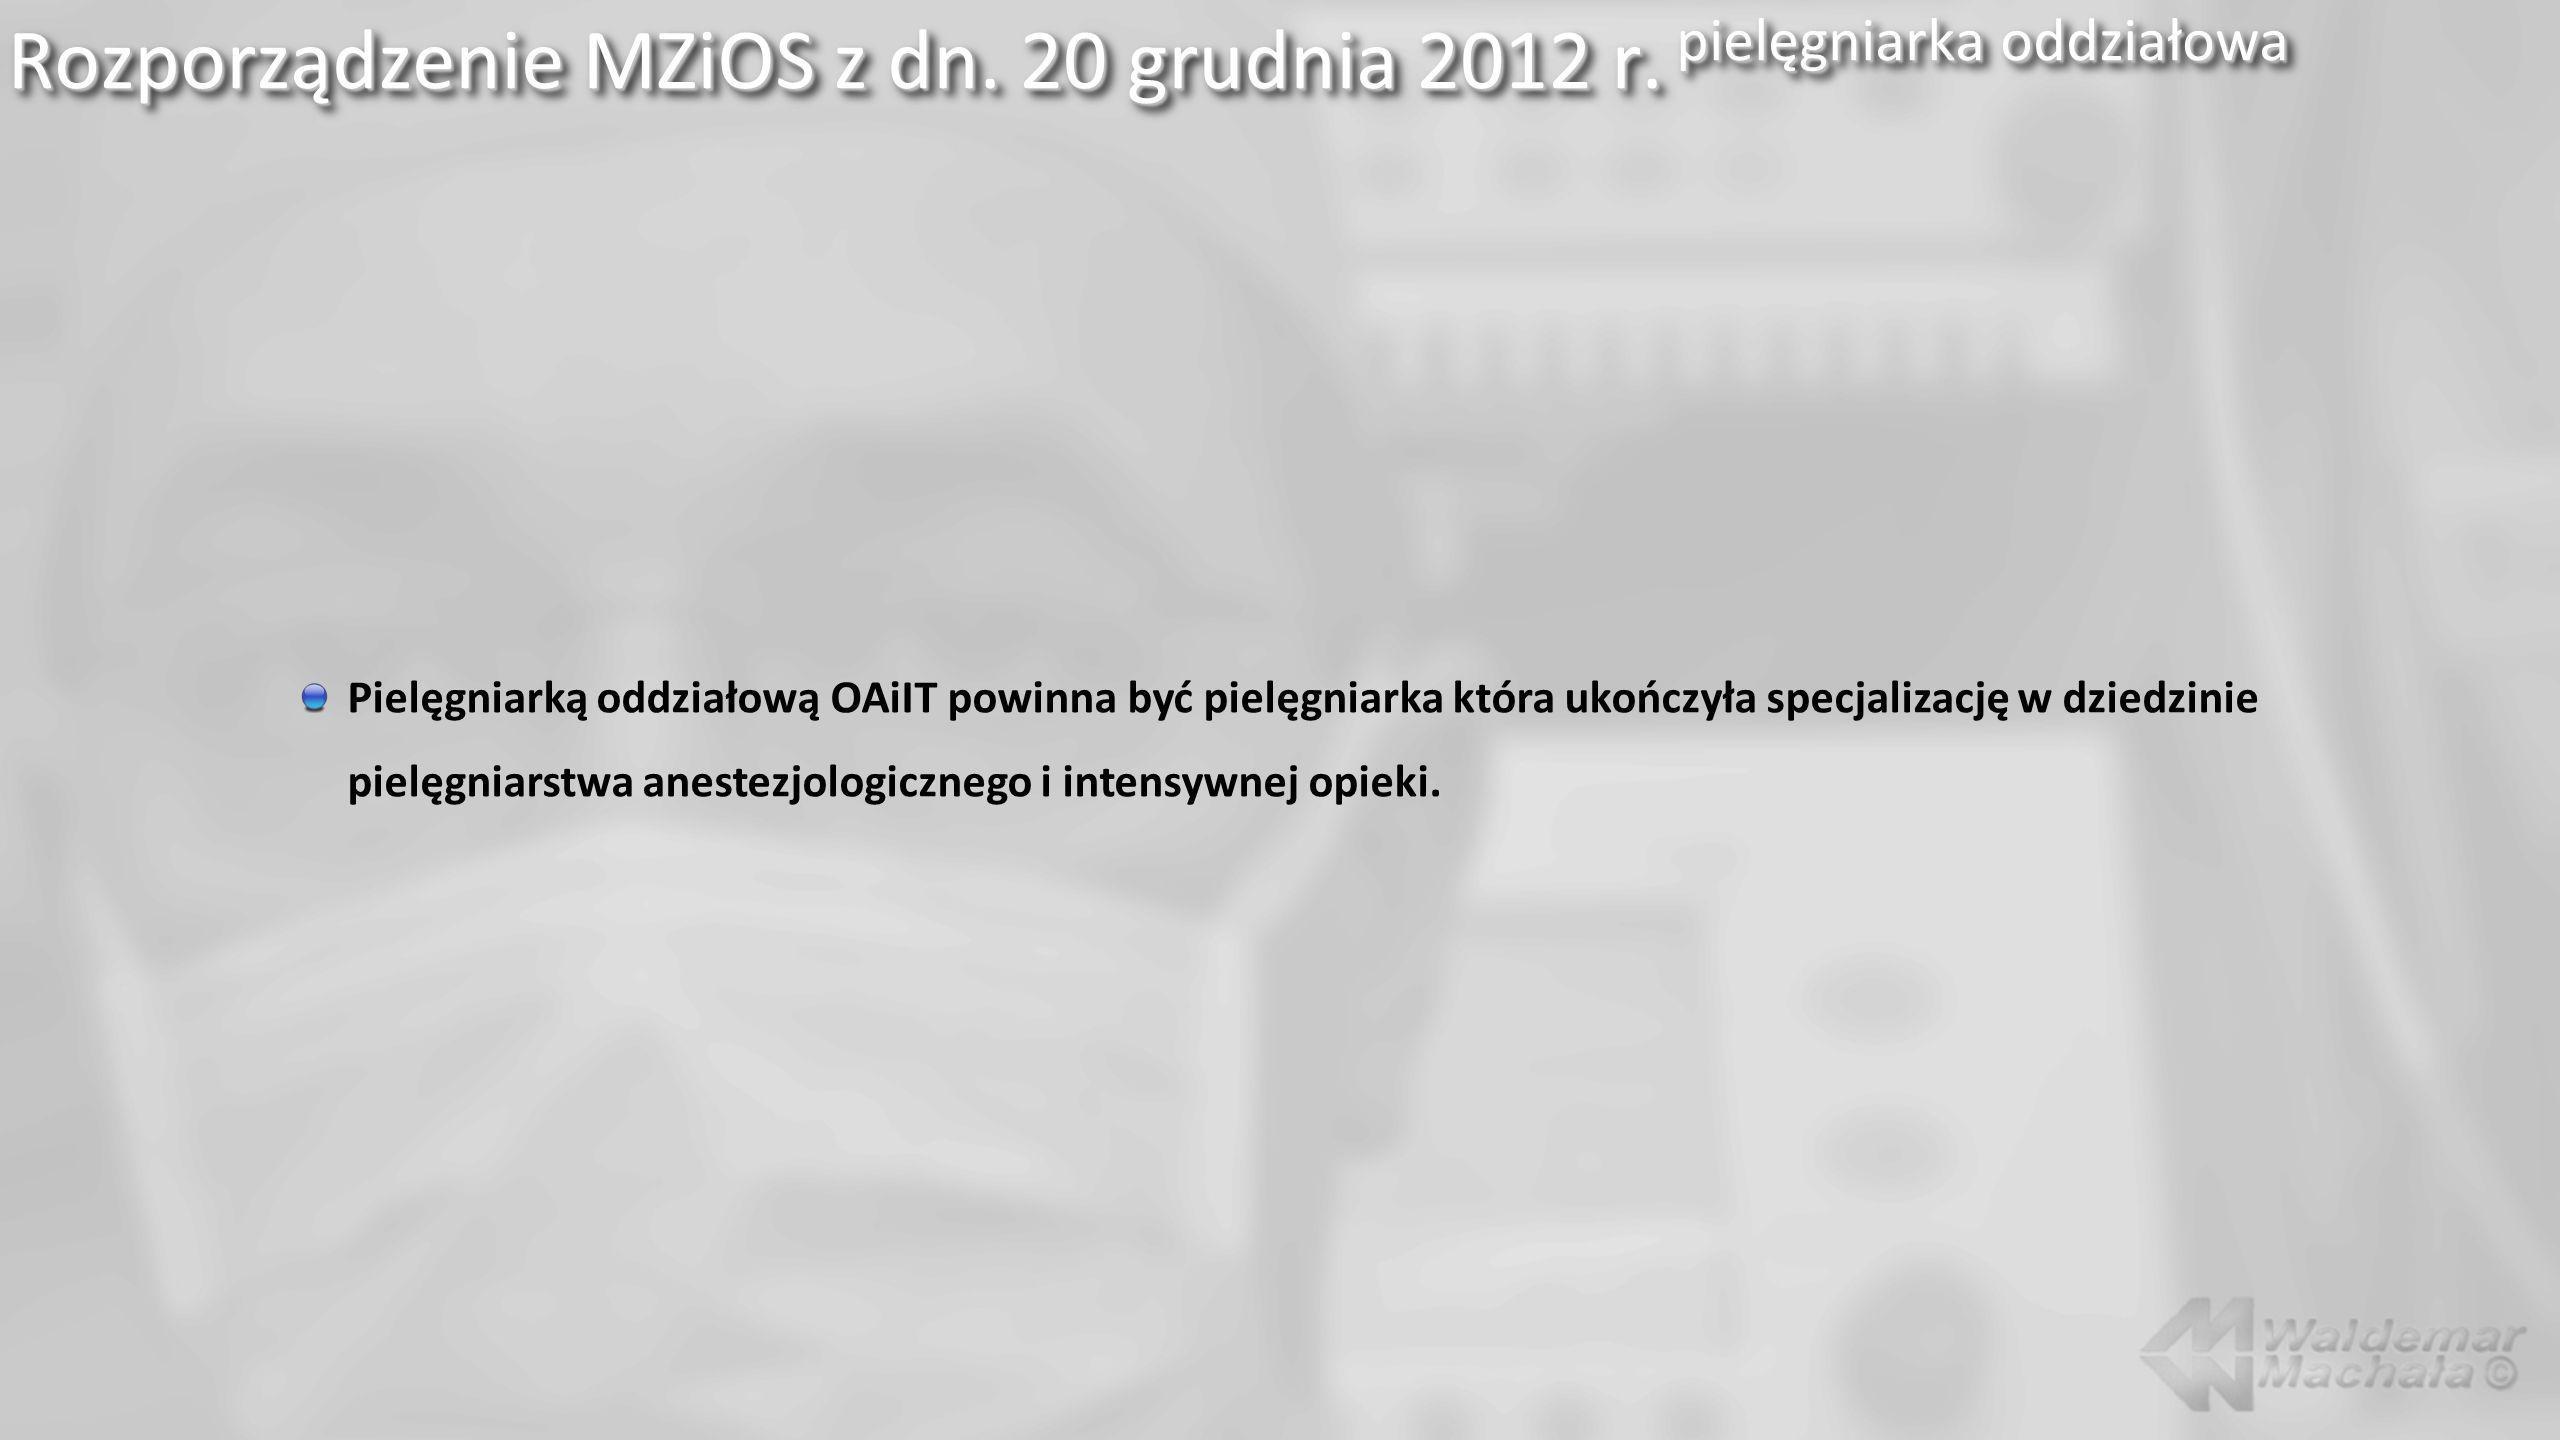 Rozporządzenie MZiOS z dn. 20 grudnia 2012 r. pielęgniarka oddziałowa